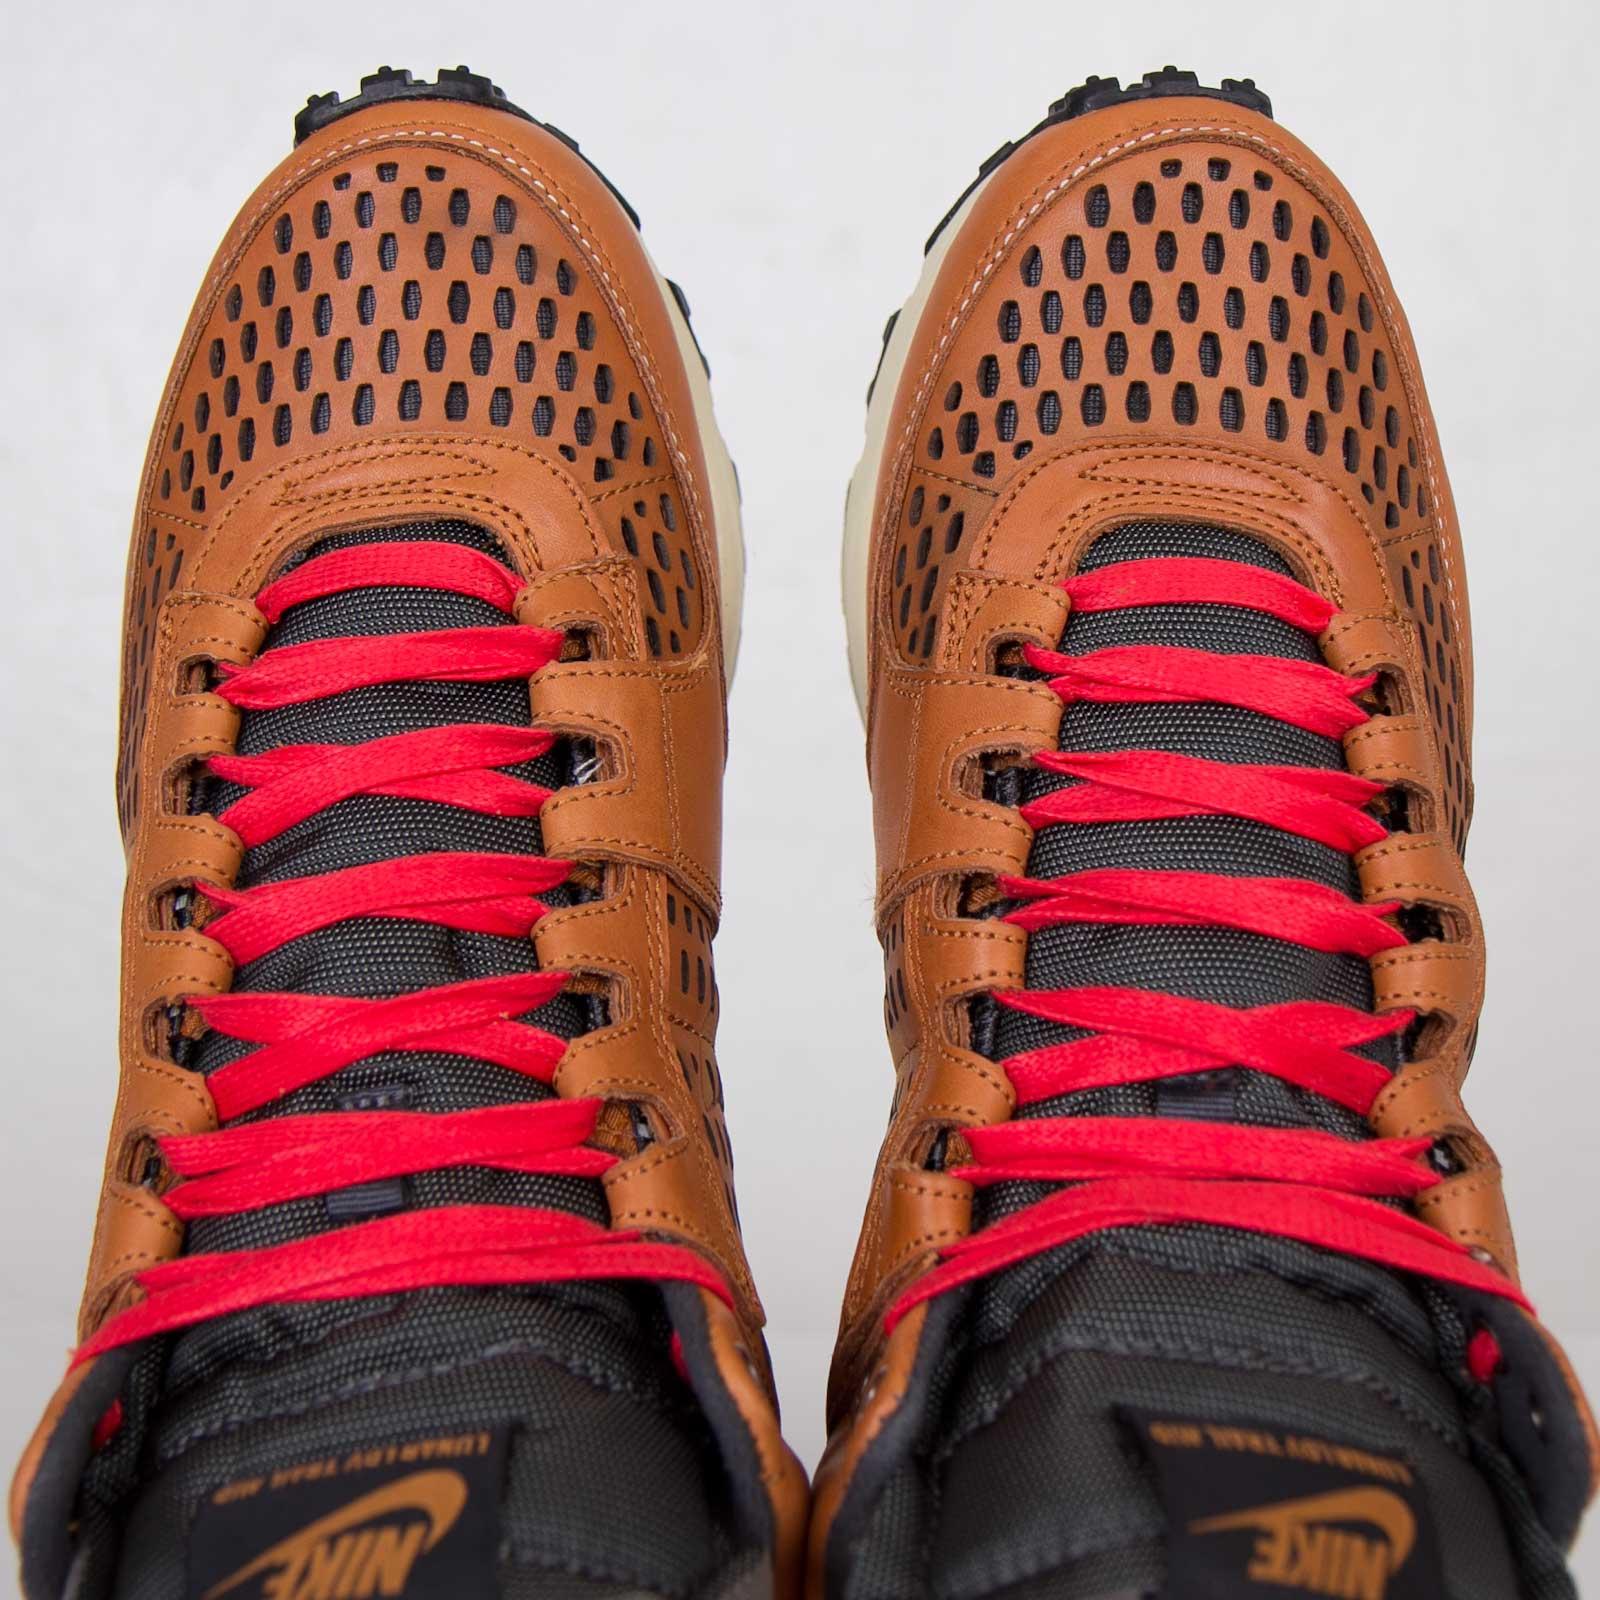 low cost 67698 5ef0f Nike Lunar LDV Sneakerboot Premium QS - 8. Close